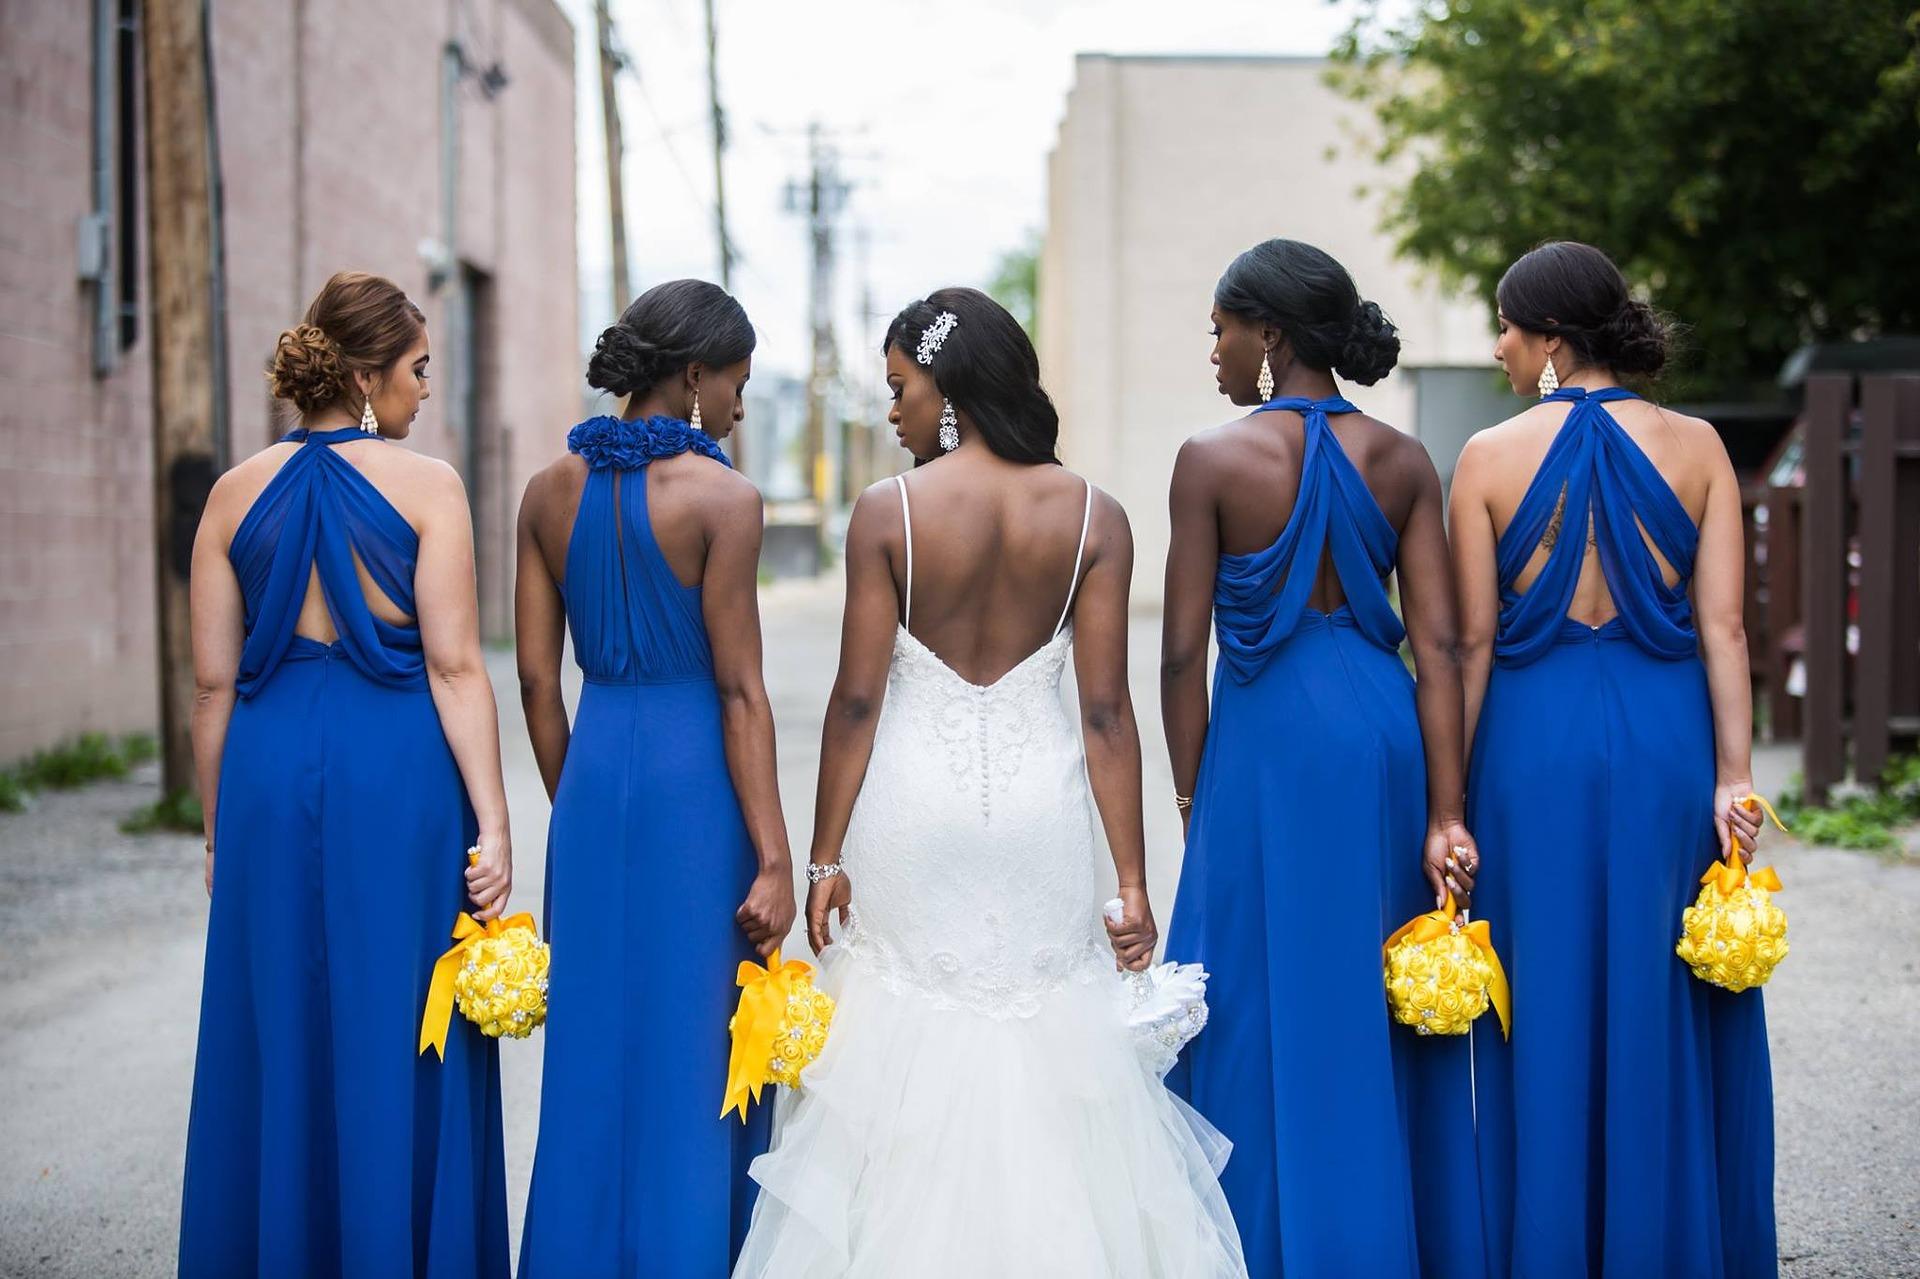 wedding-3127983_1920.jpg